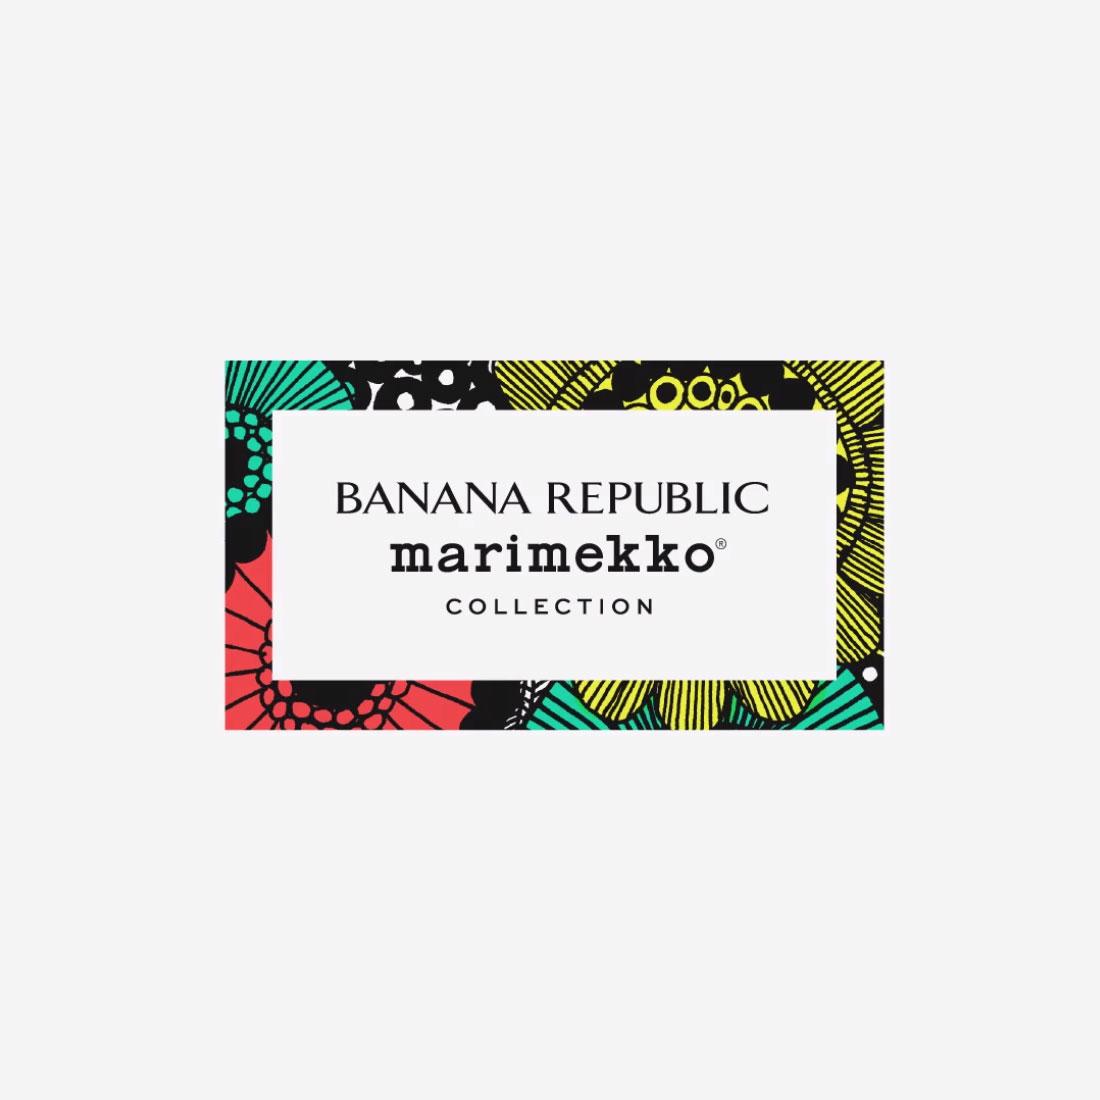 Banana Republic x Marimekko